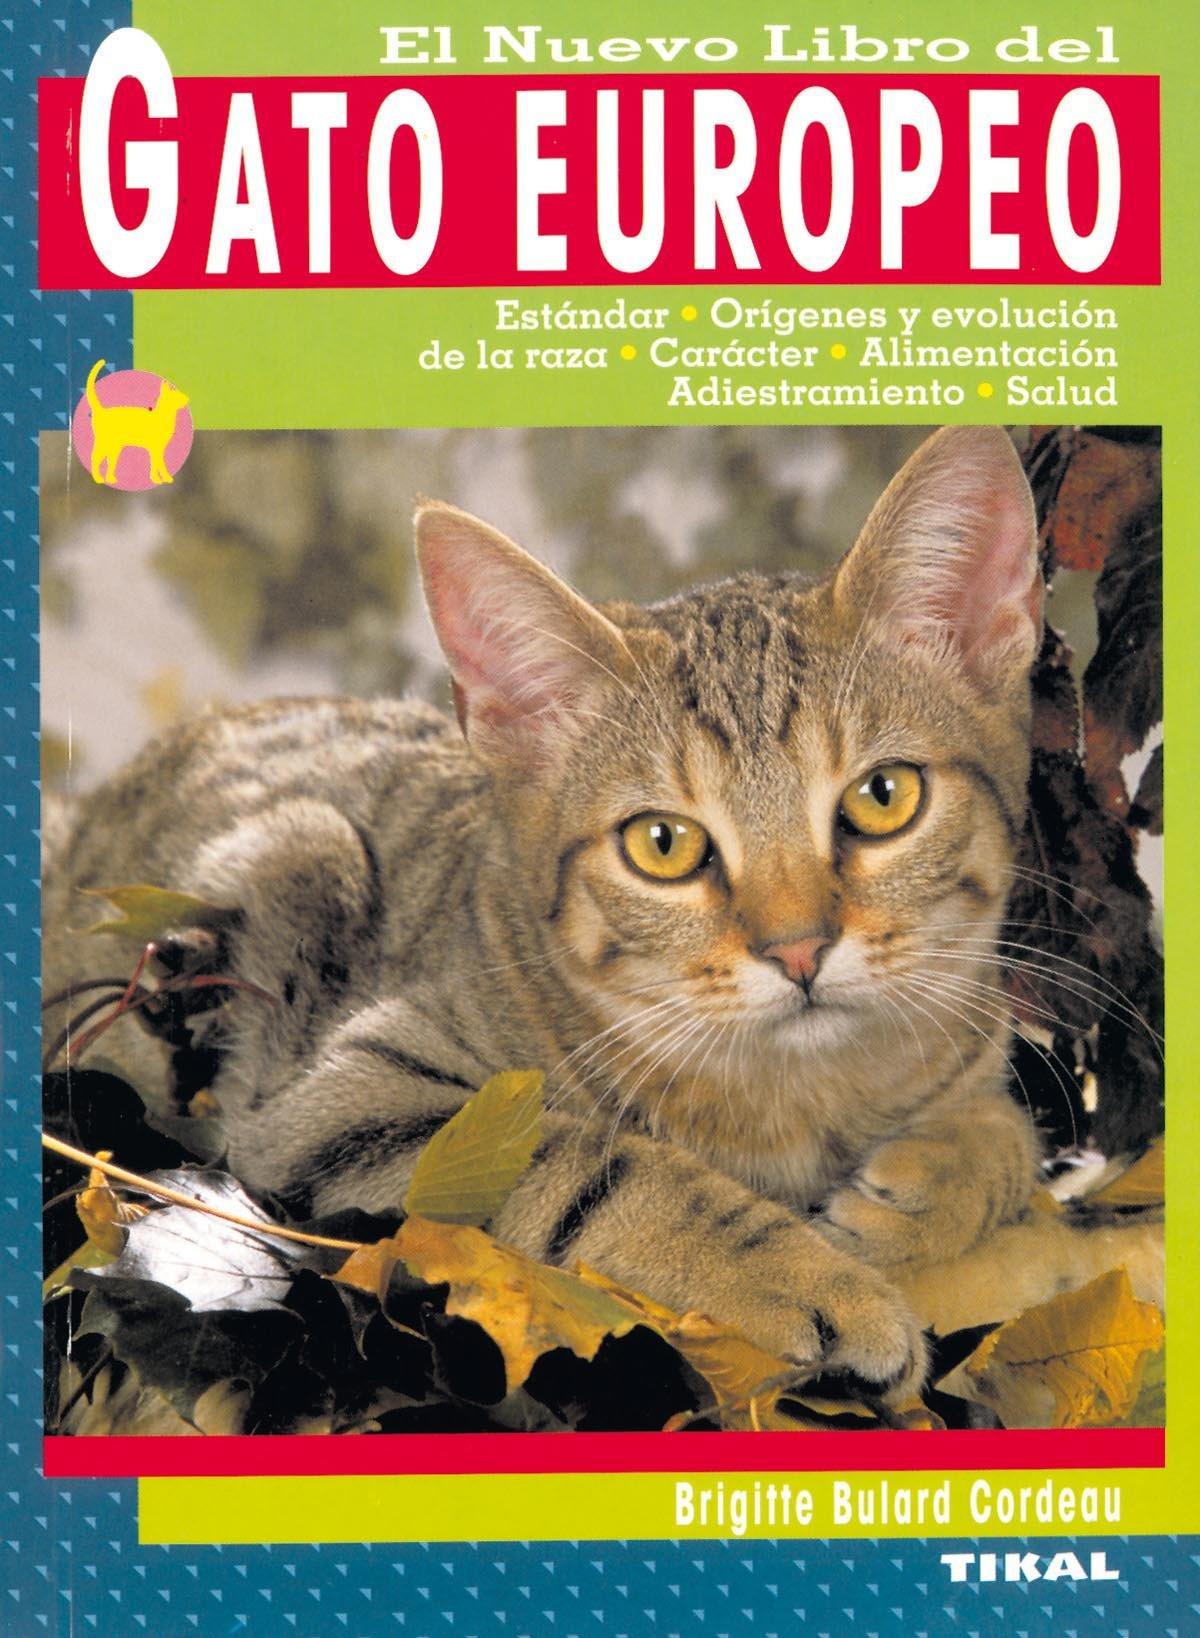 El Nuevo Libro del Gato Europeo: Estandar, Origenes y Evolucion d e la Raza, Caracter, Alimentacion, Adiestramiento y Salud (Spanish) Paperback